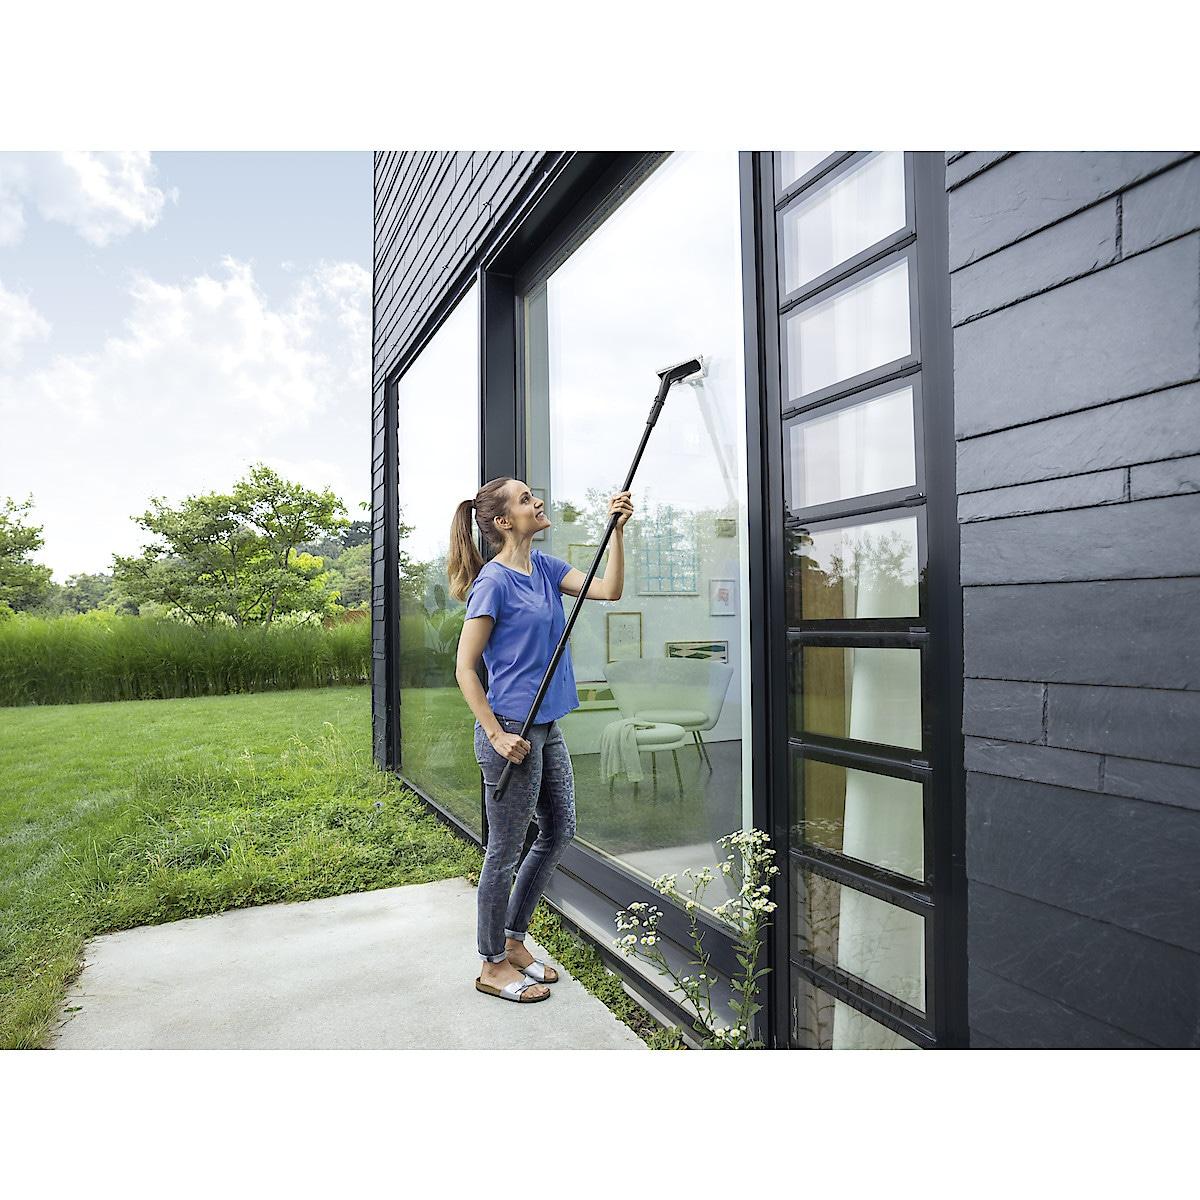 Förlängningsskaft till Kärcher fönstertvätt och MultiCleaner